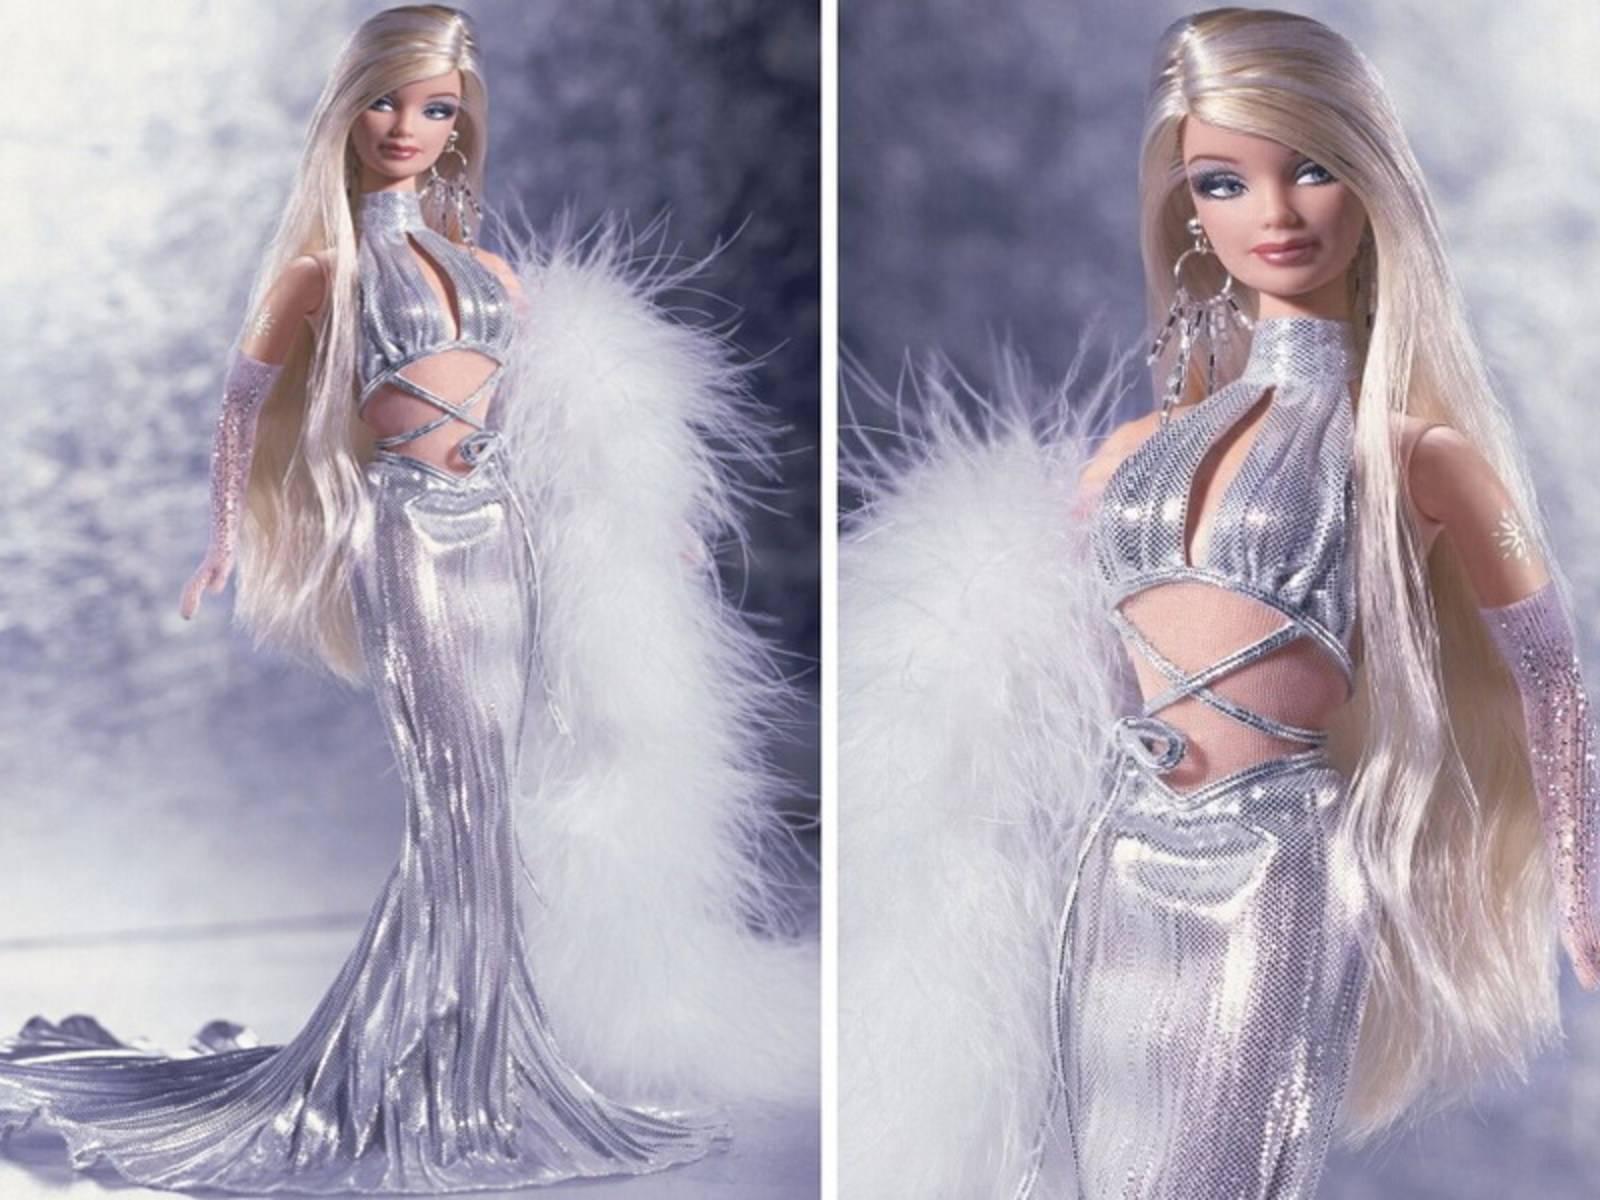 Beautiful Barbie Doll Wallpapers - WallpaperSafari